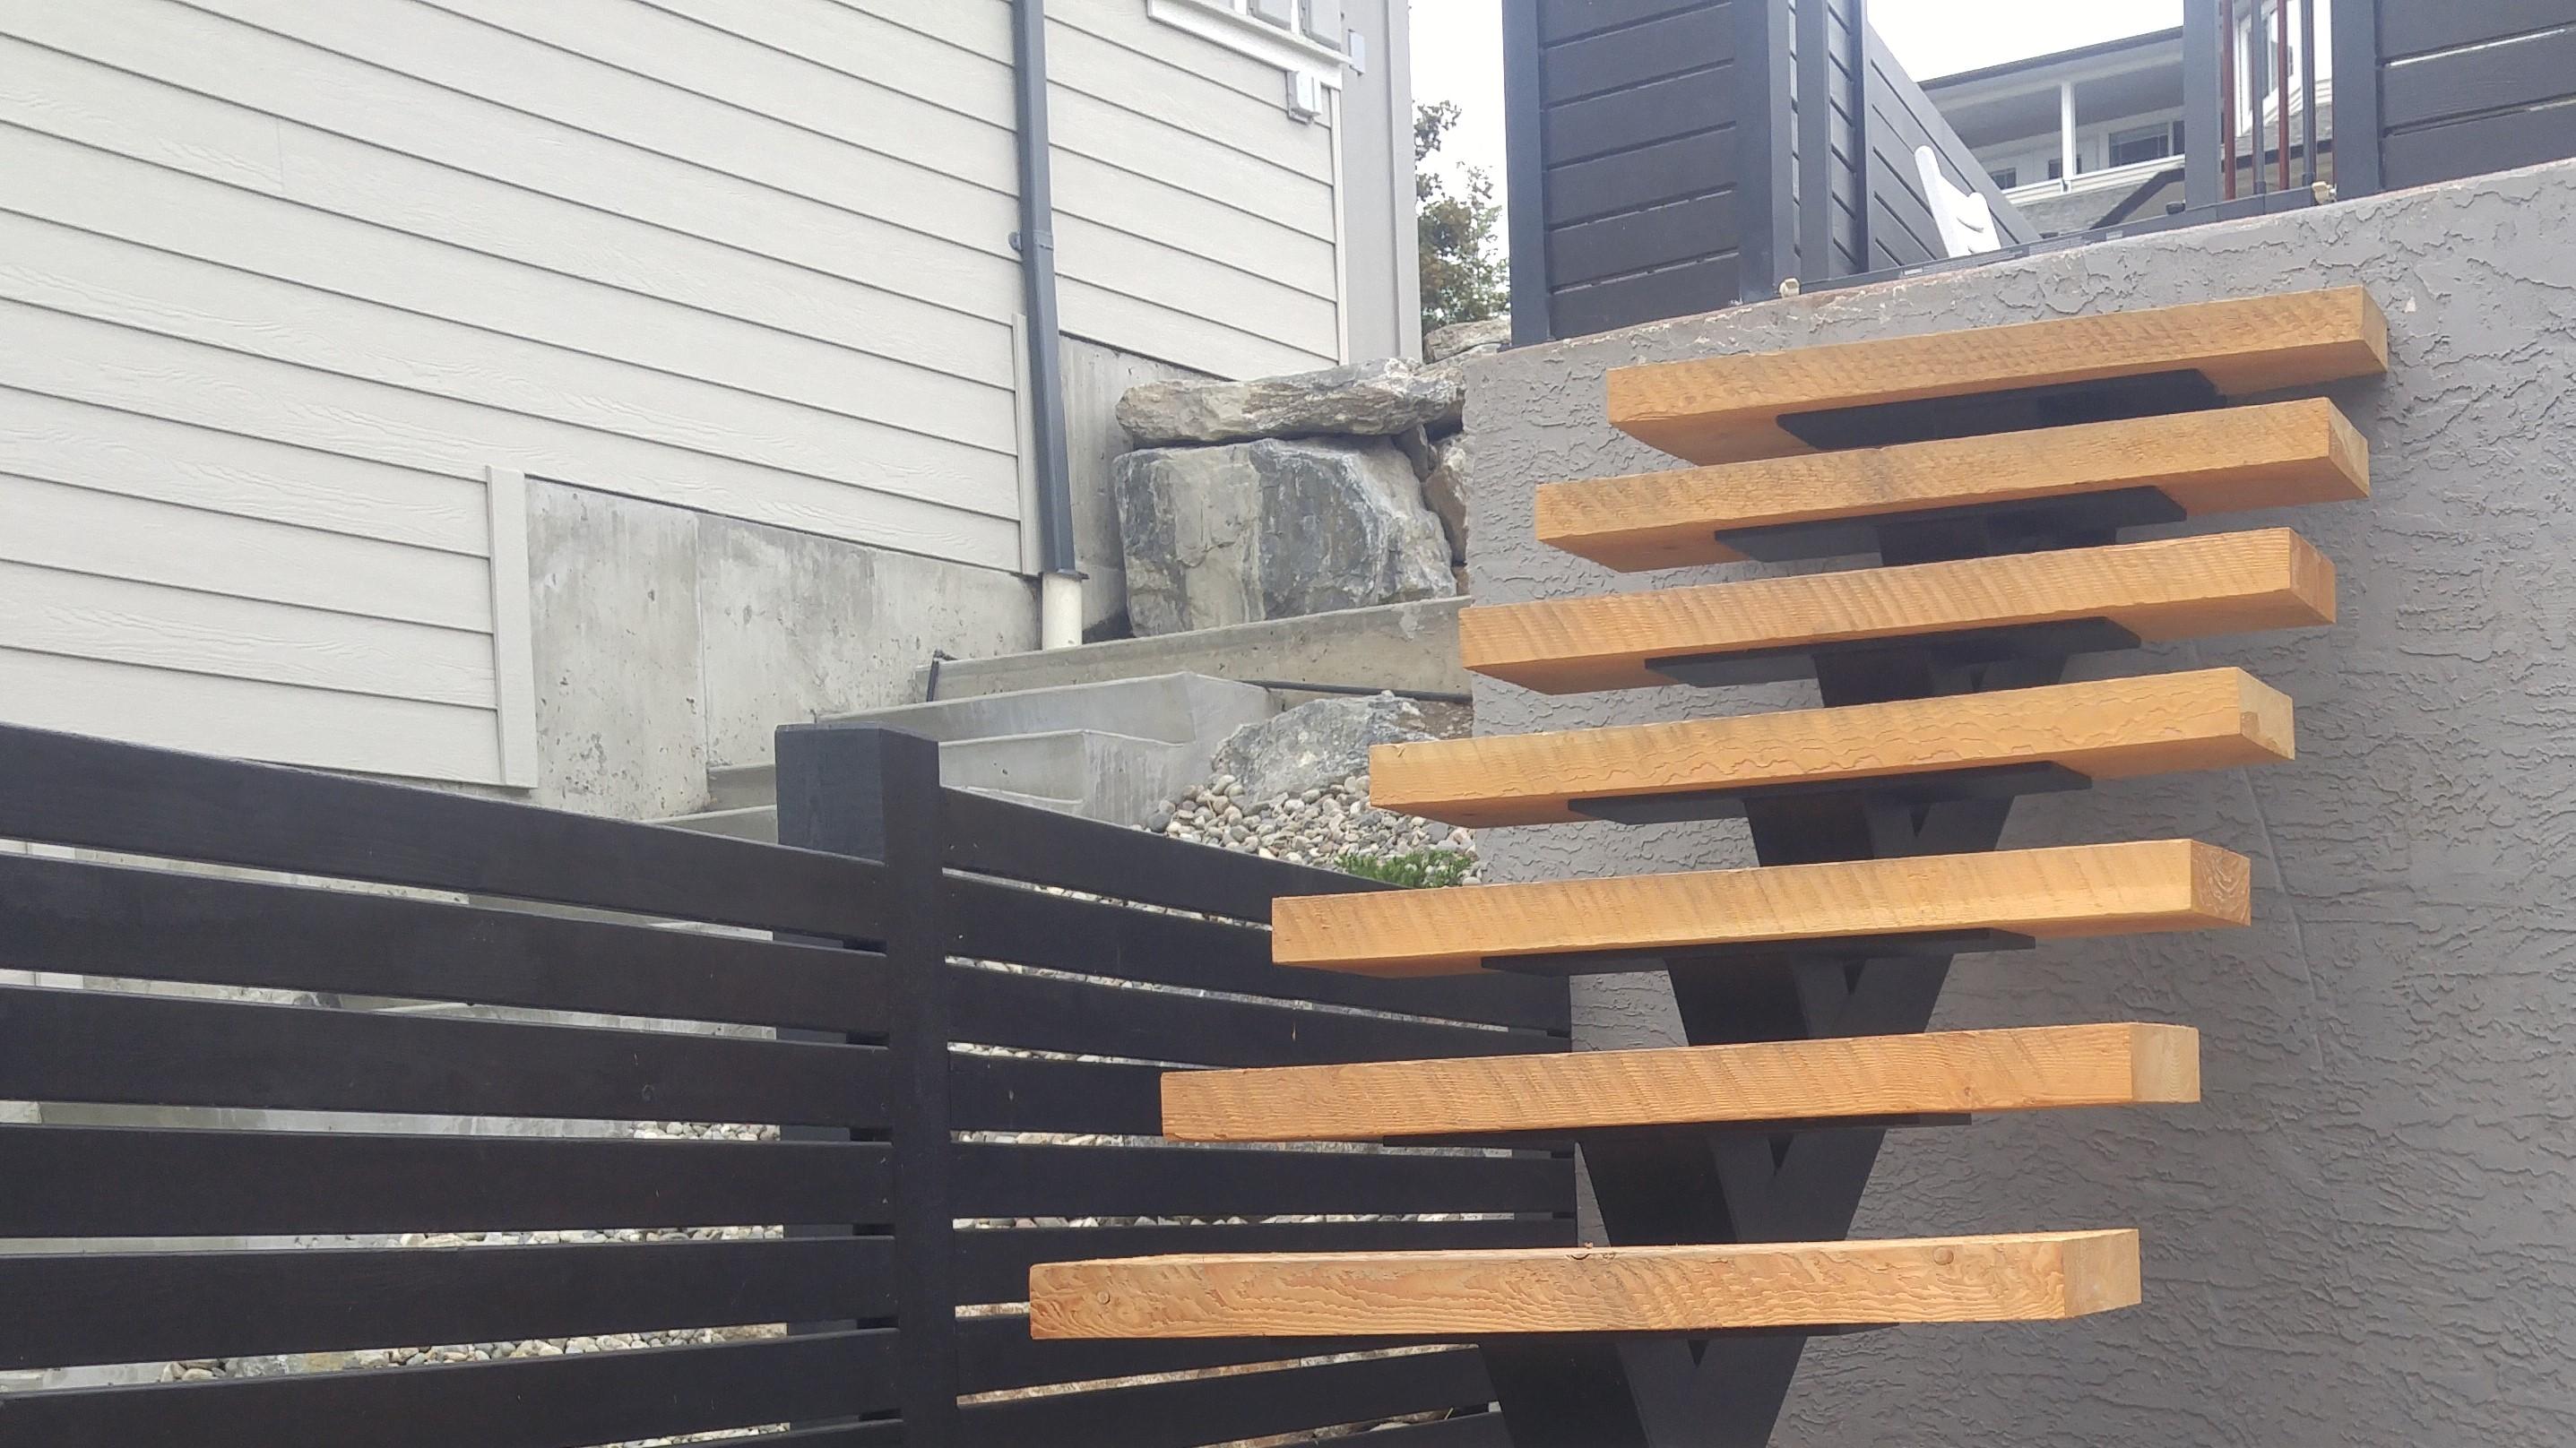 https://0901.nccdn.net/4_2/000/000/064/d40/stairs1.jpg